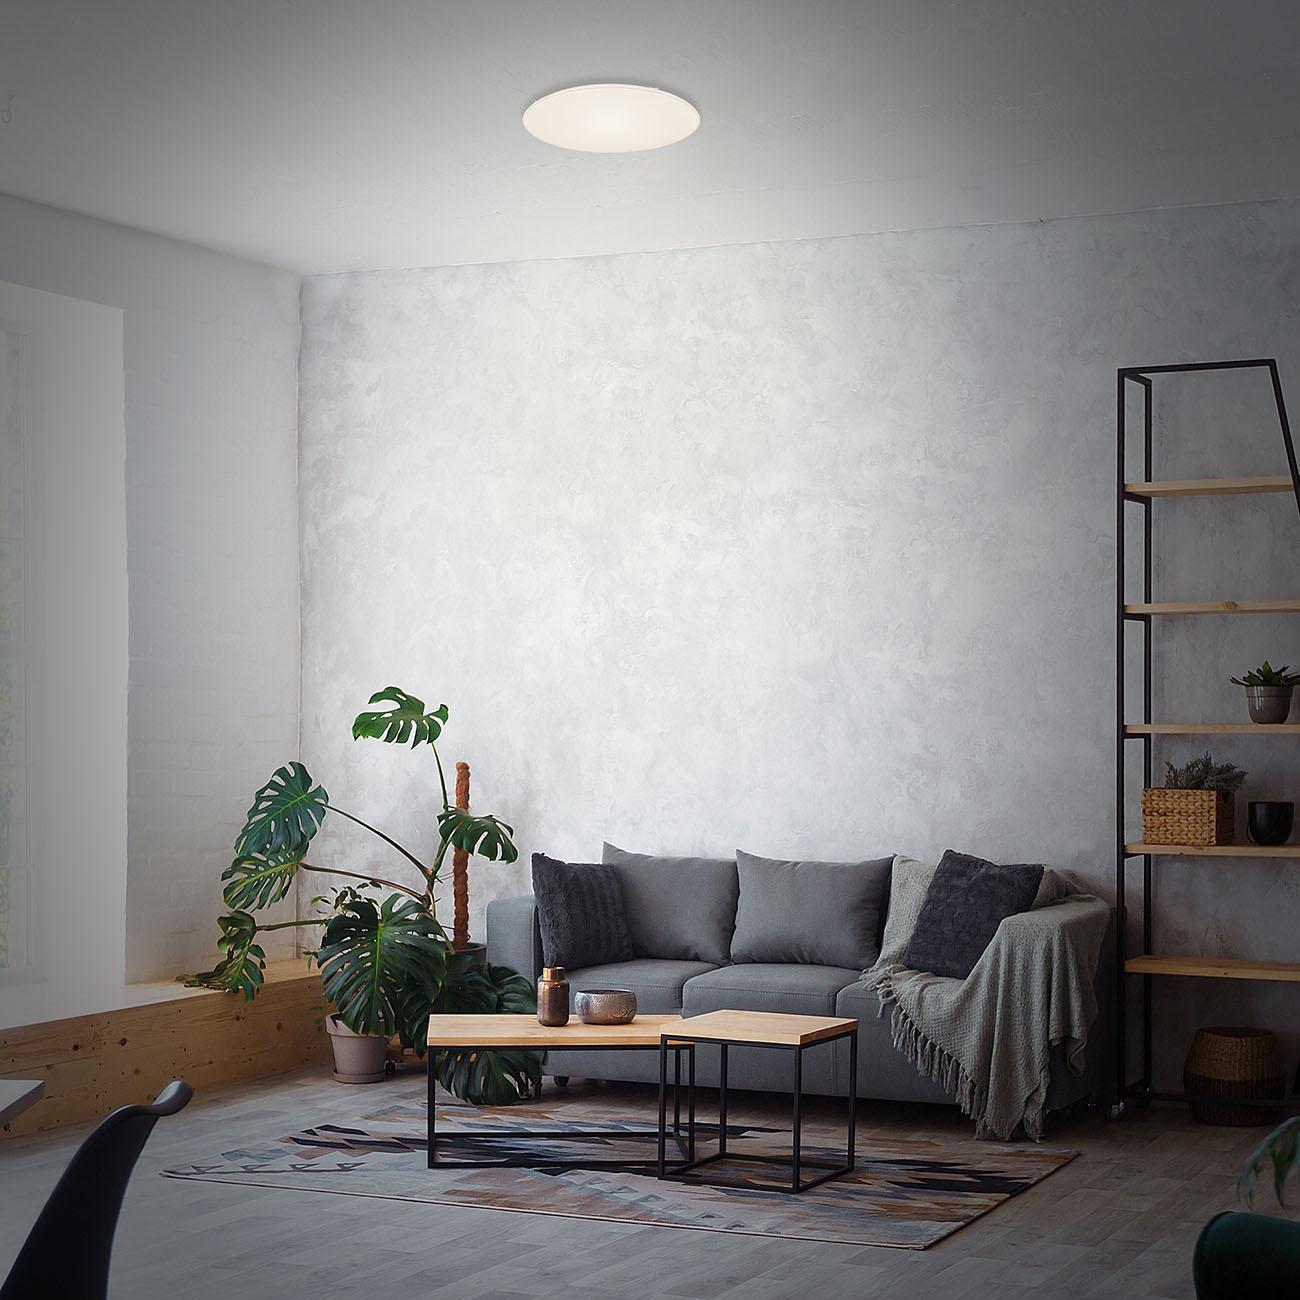 LED Deckenleuchte, Ø 53 cm, 48 W, Weiß